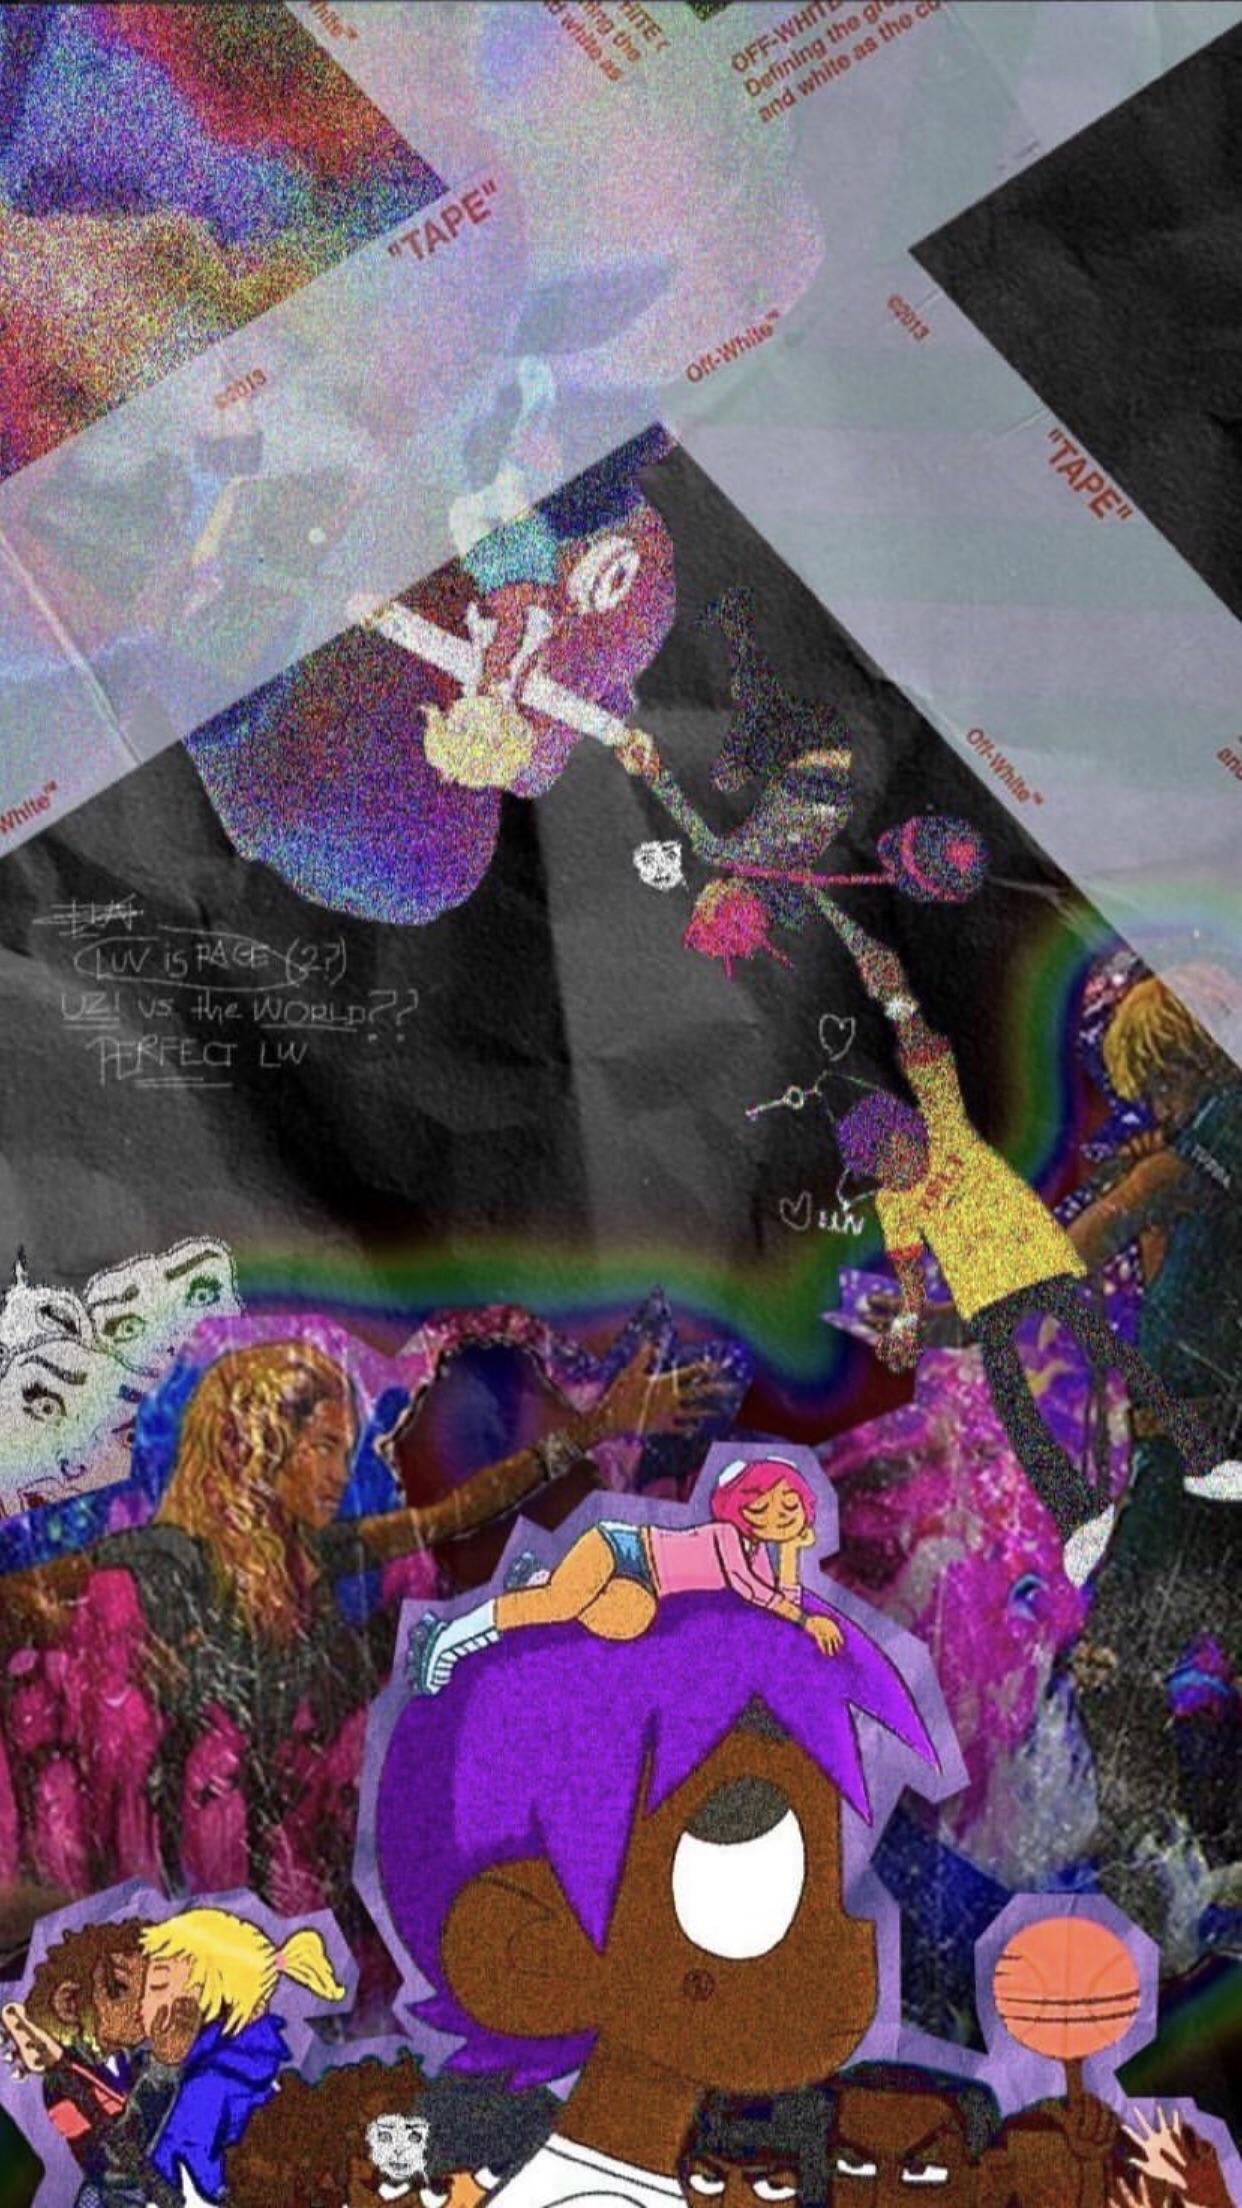 Lil Uzi Vert Vs The World Wallpaper Posted By John Johnson Goten & trunks 🤘🏾® #liluzivert #playboicarti. lil uzi vert vs the world wallpaper